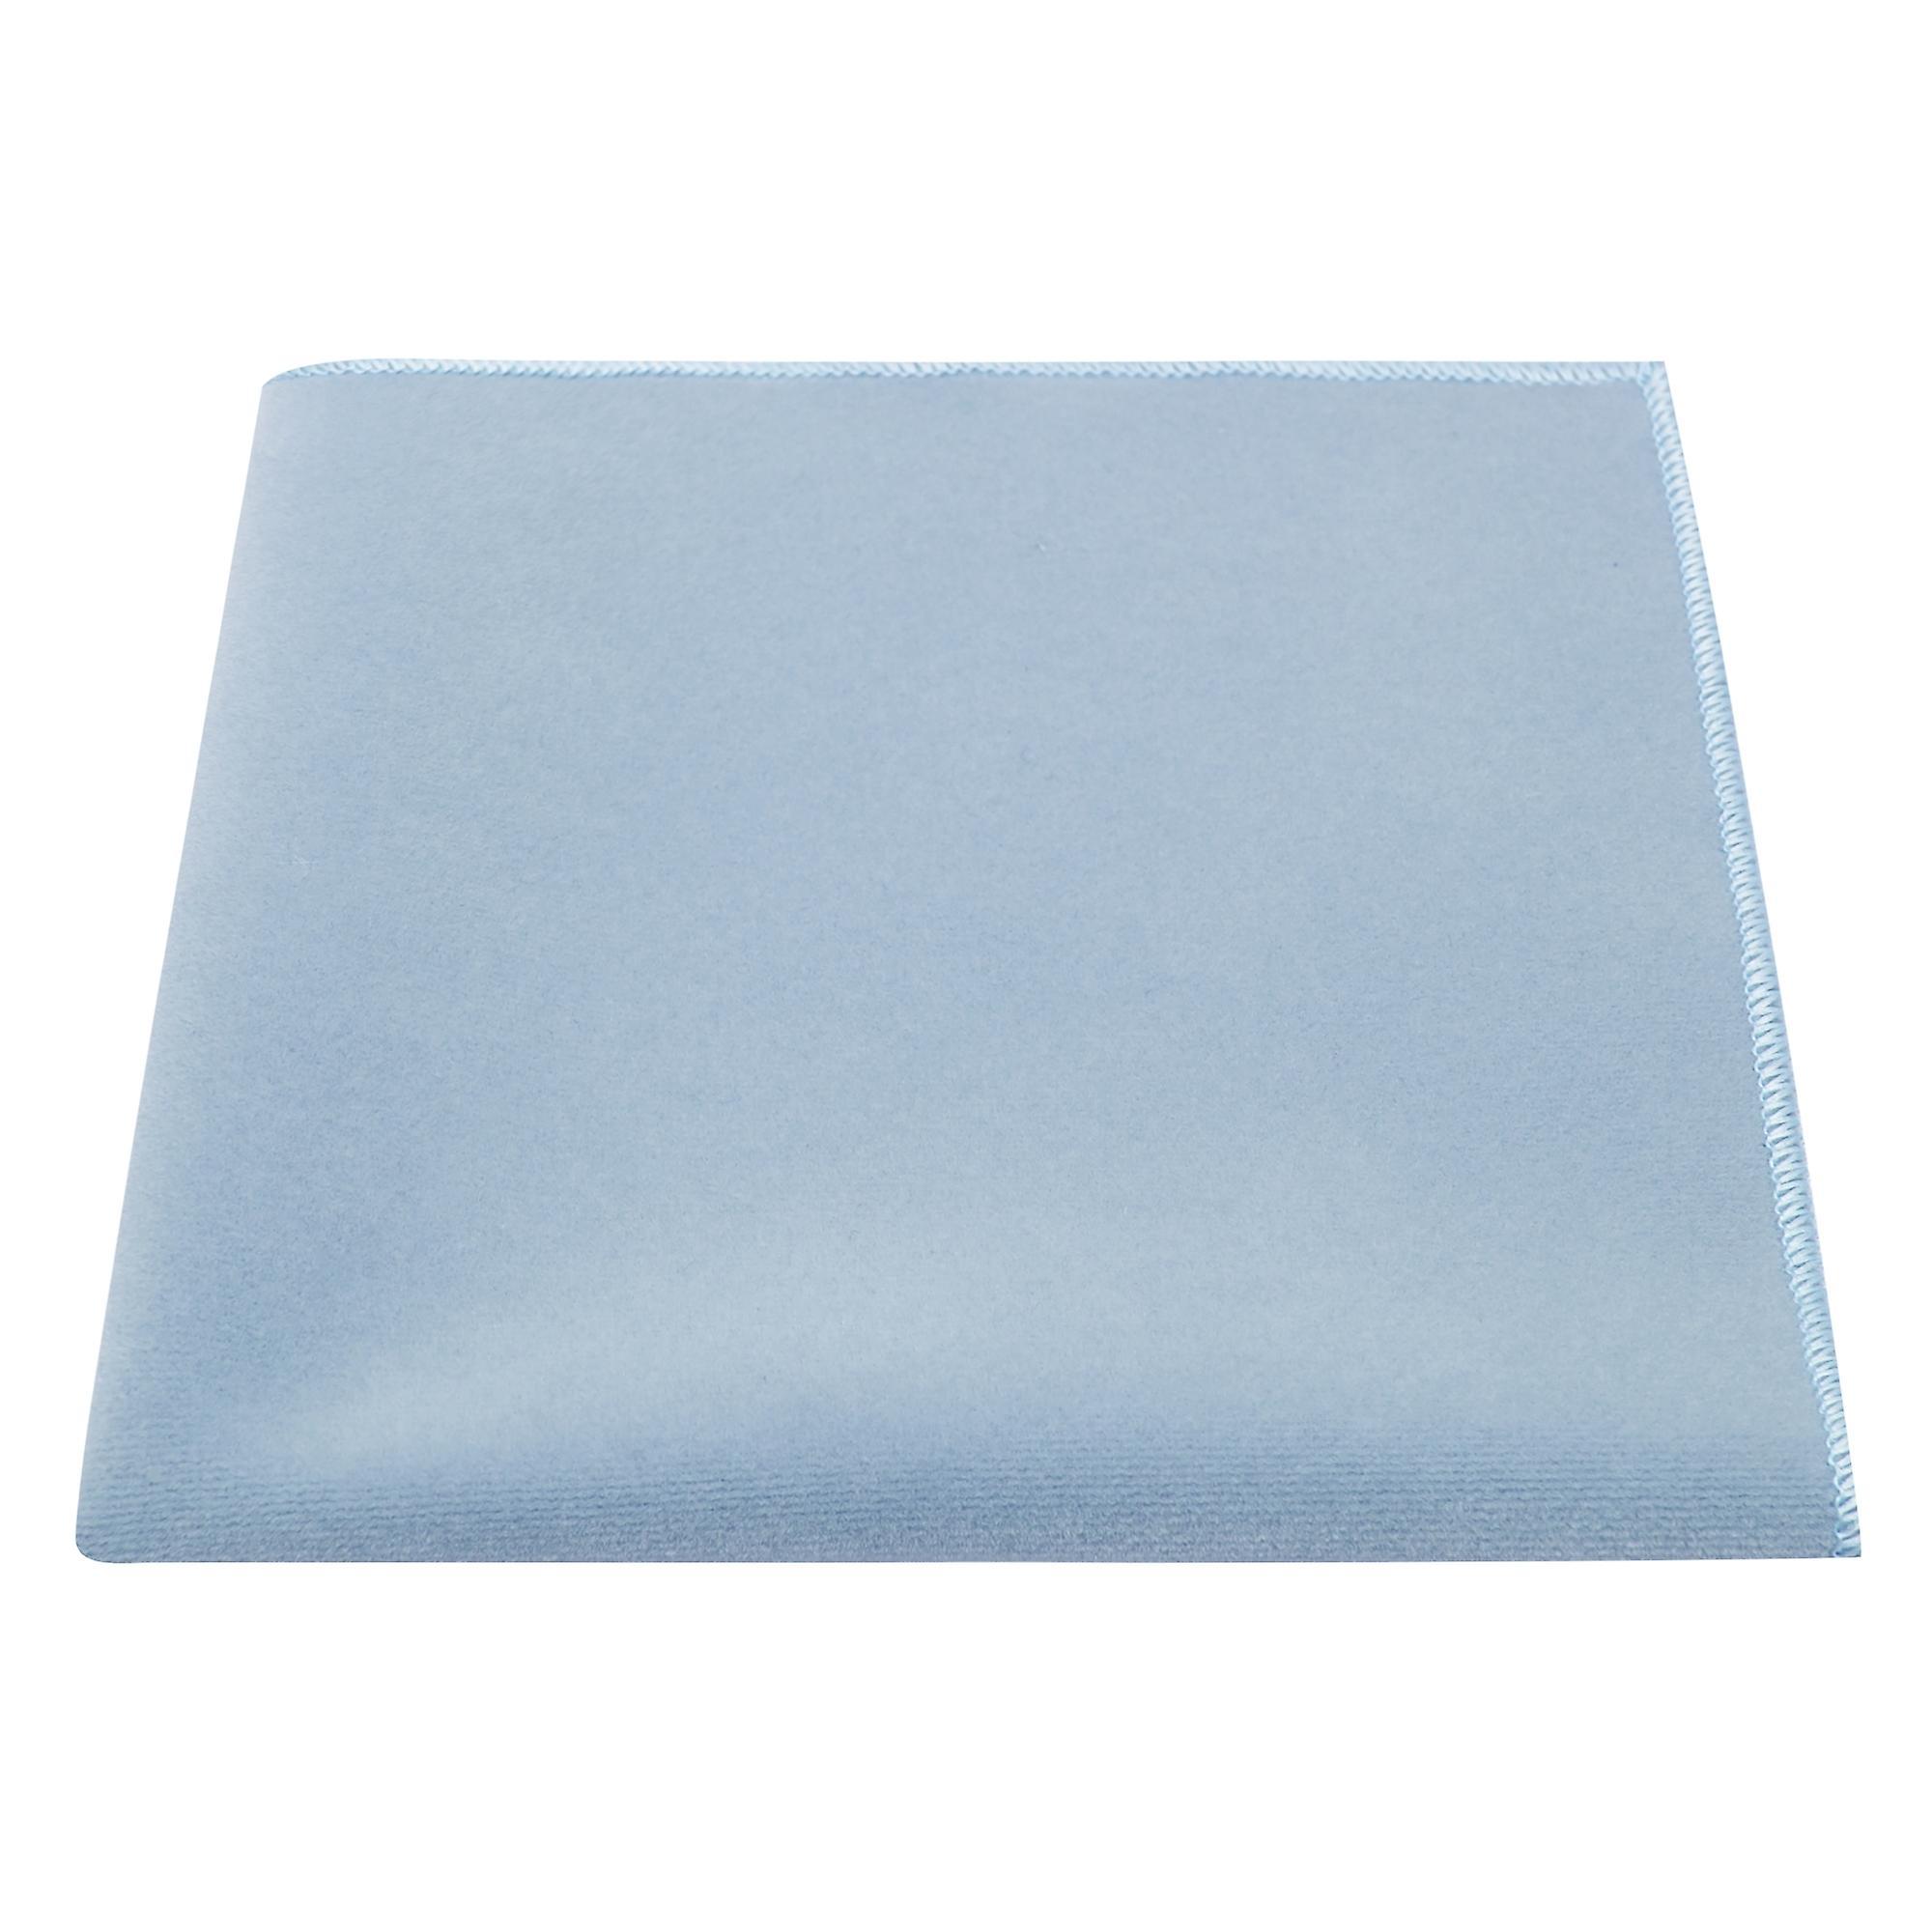 Luxury Light Baby Blue Velvet Pocket Square, Handkerchief